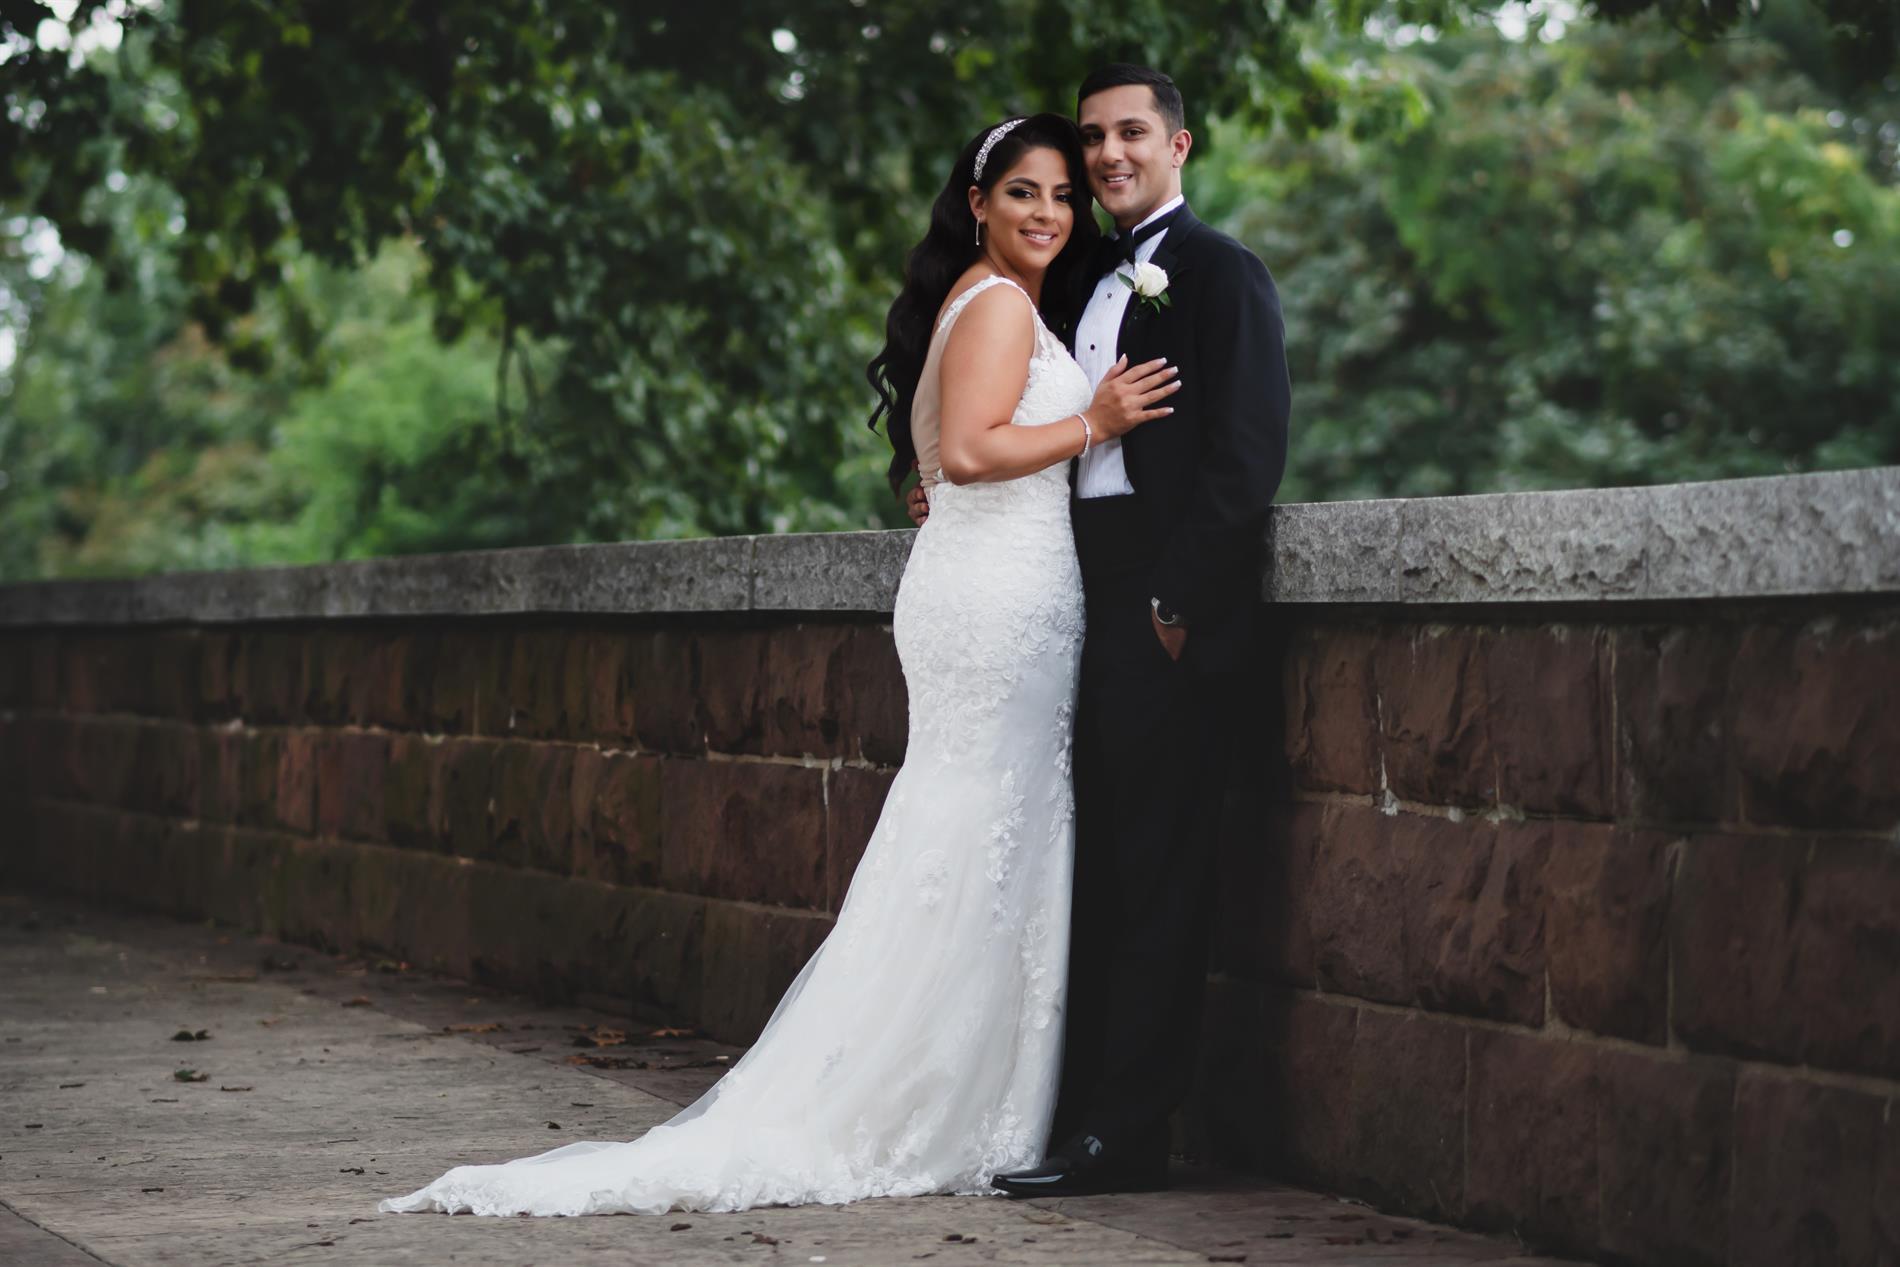 Yazlynne and Adeel Wedding Photos